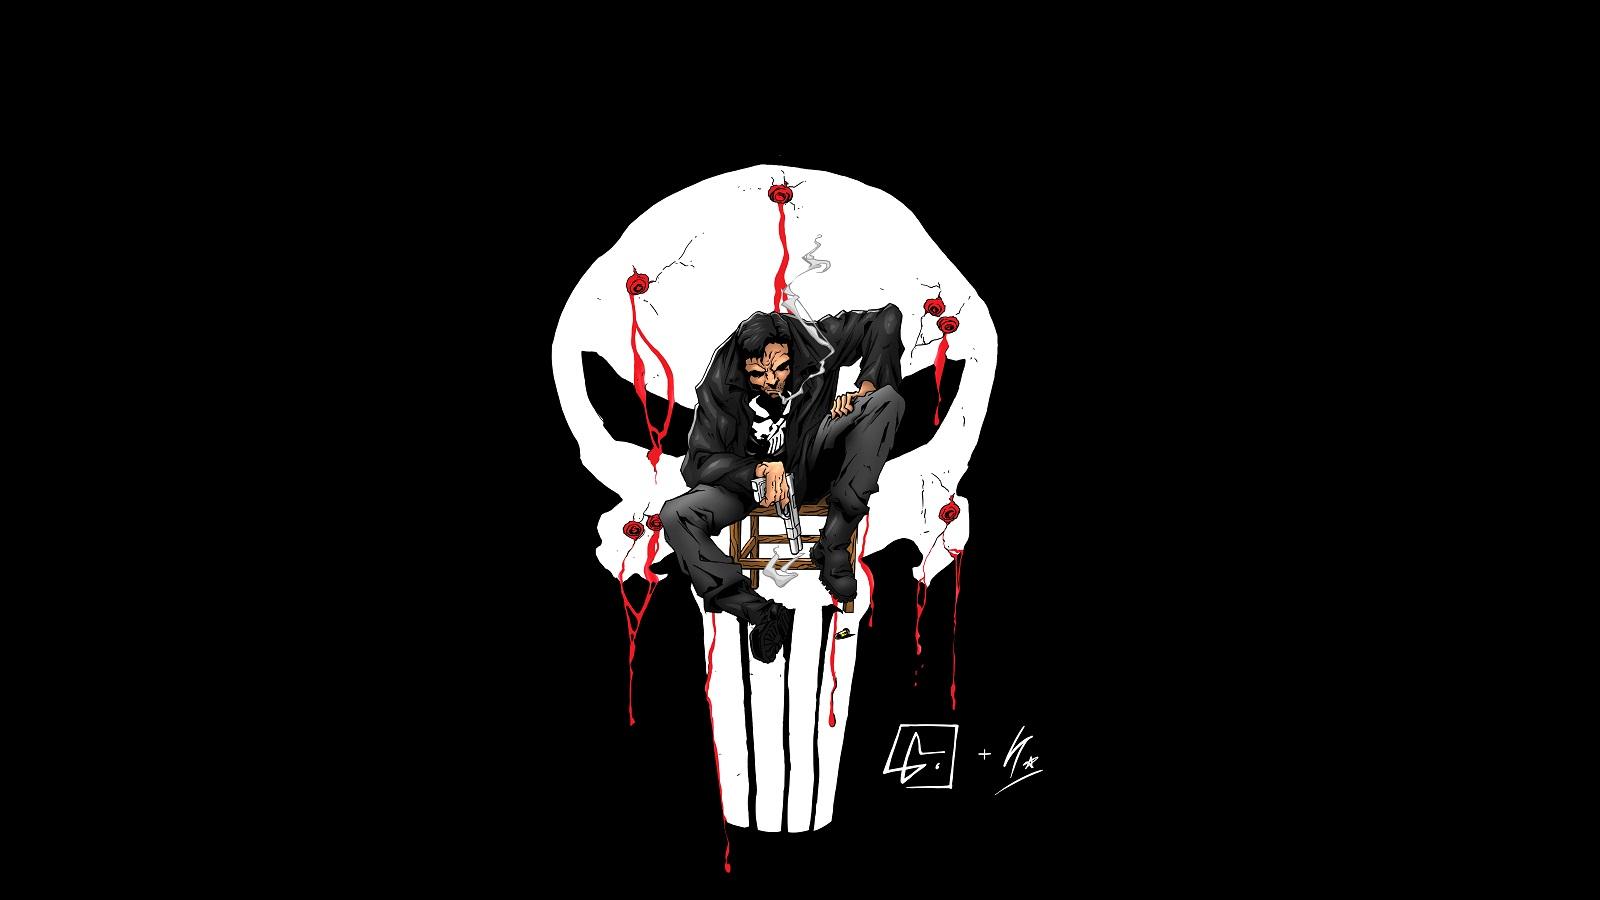 Punisher Logo DC Blood Black wallpaper | 1600x900 | 171813 ...